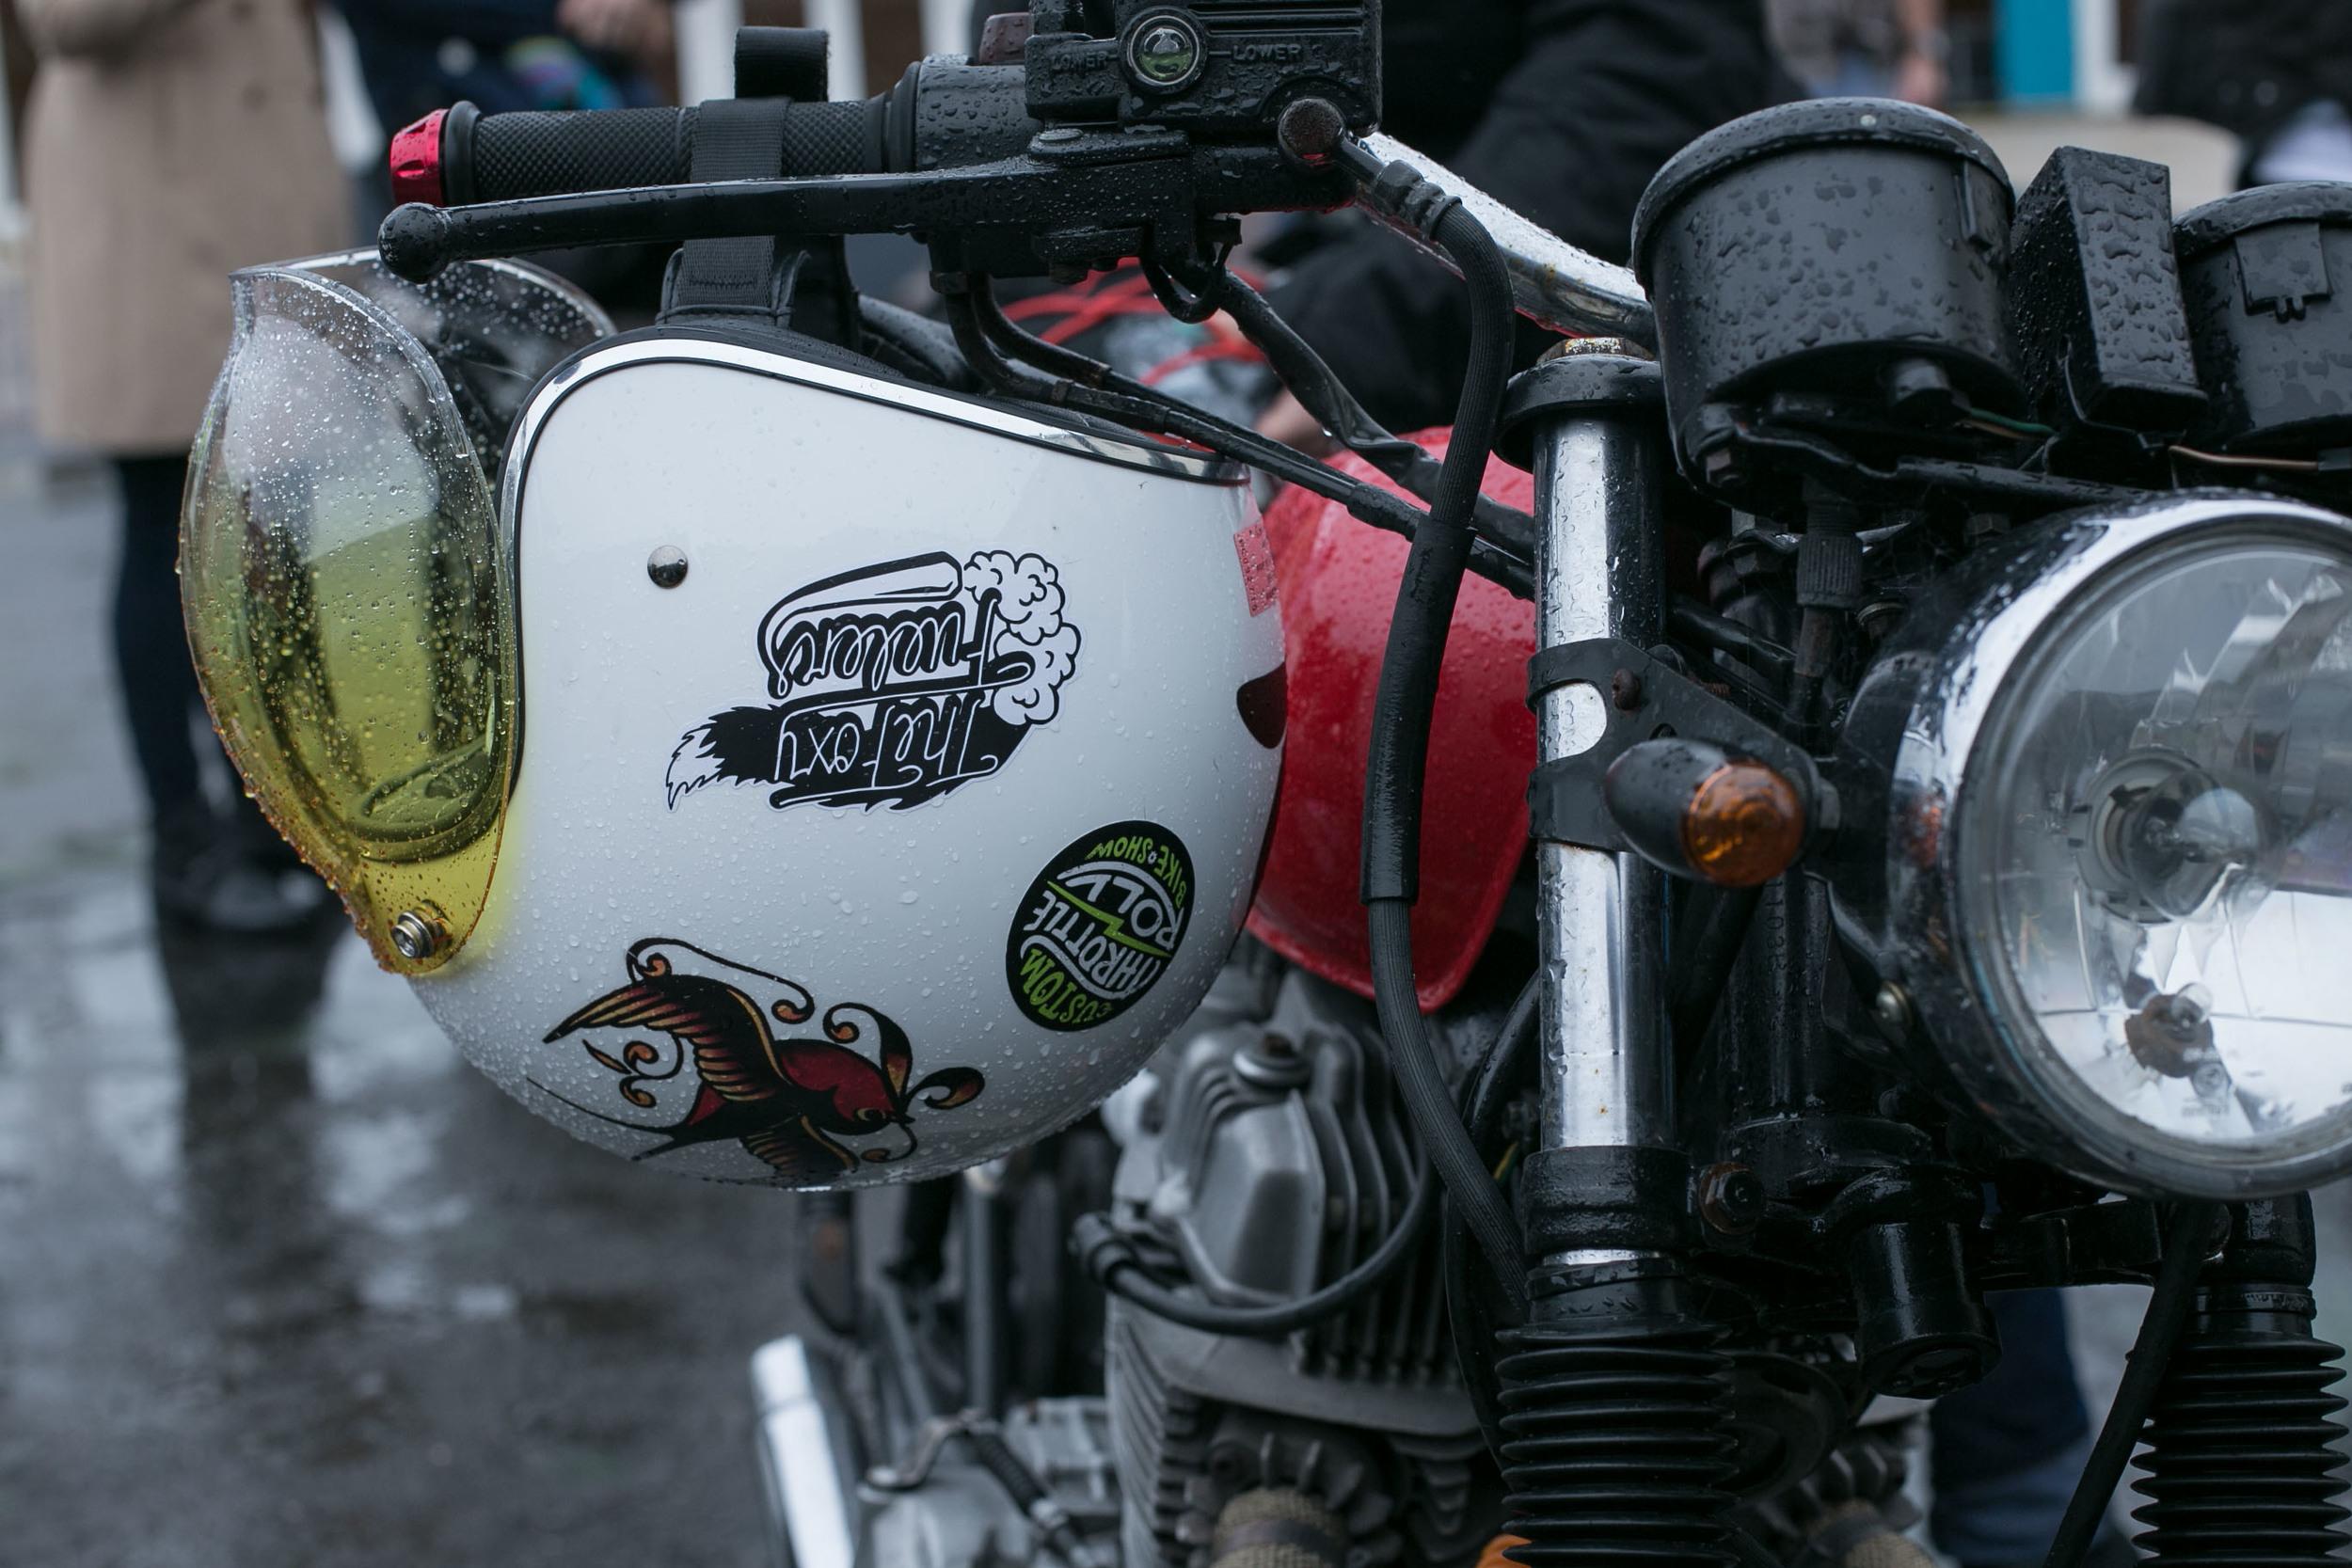 In_venus_veritas_deus_bike_build_off_sydney-5.jpg